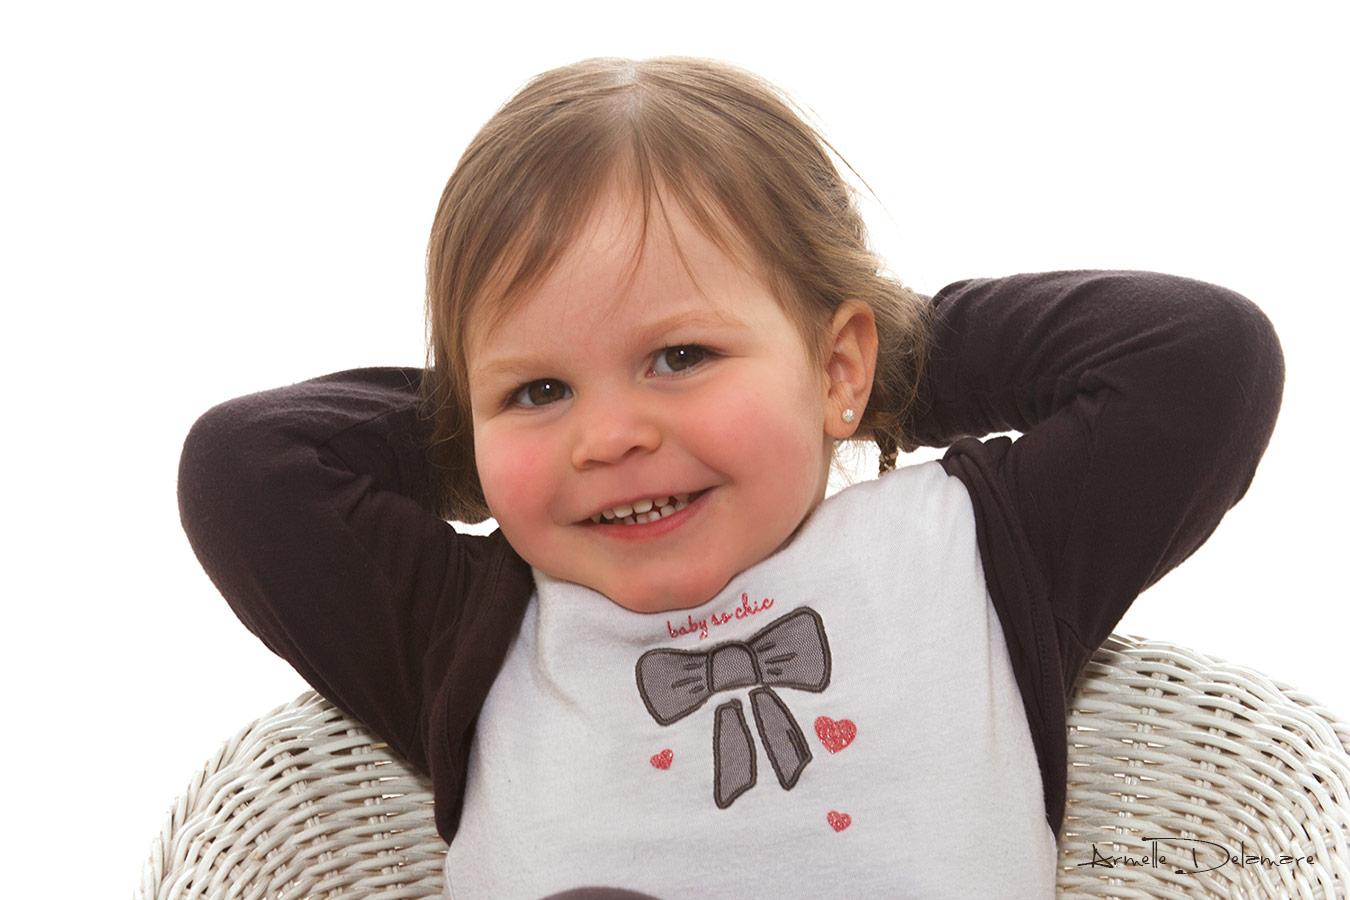 Armelle Delamare Photographe Pavilly Photographie séance photo portraits bébé couple famille